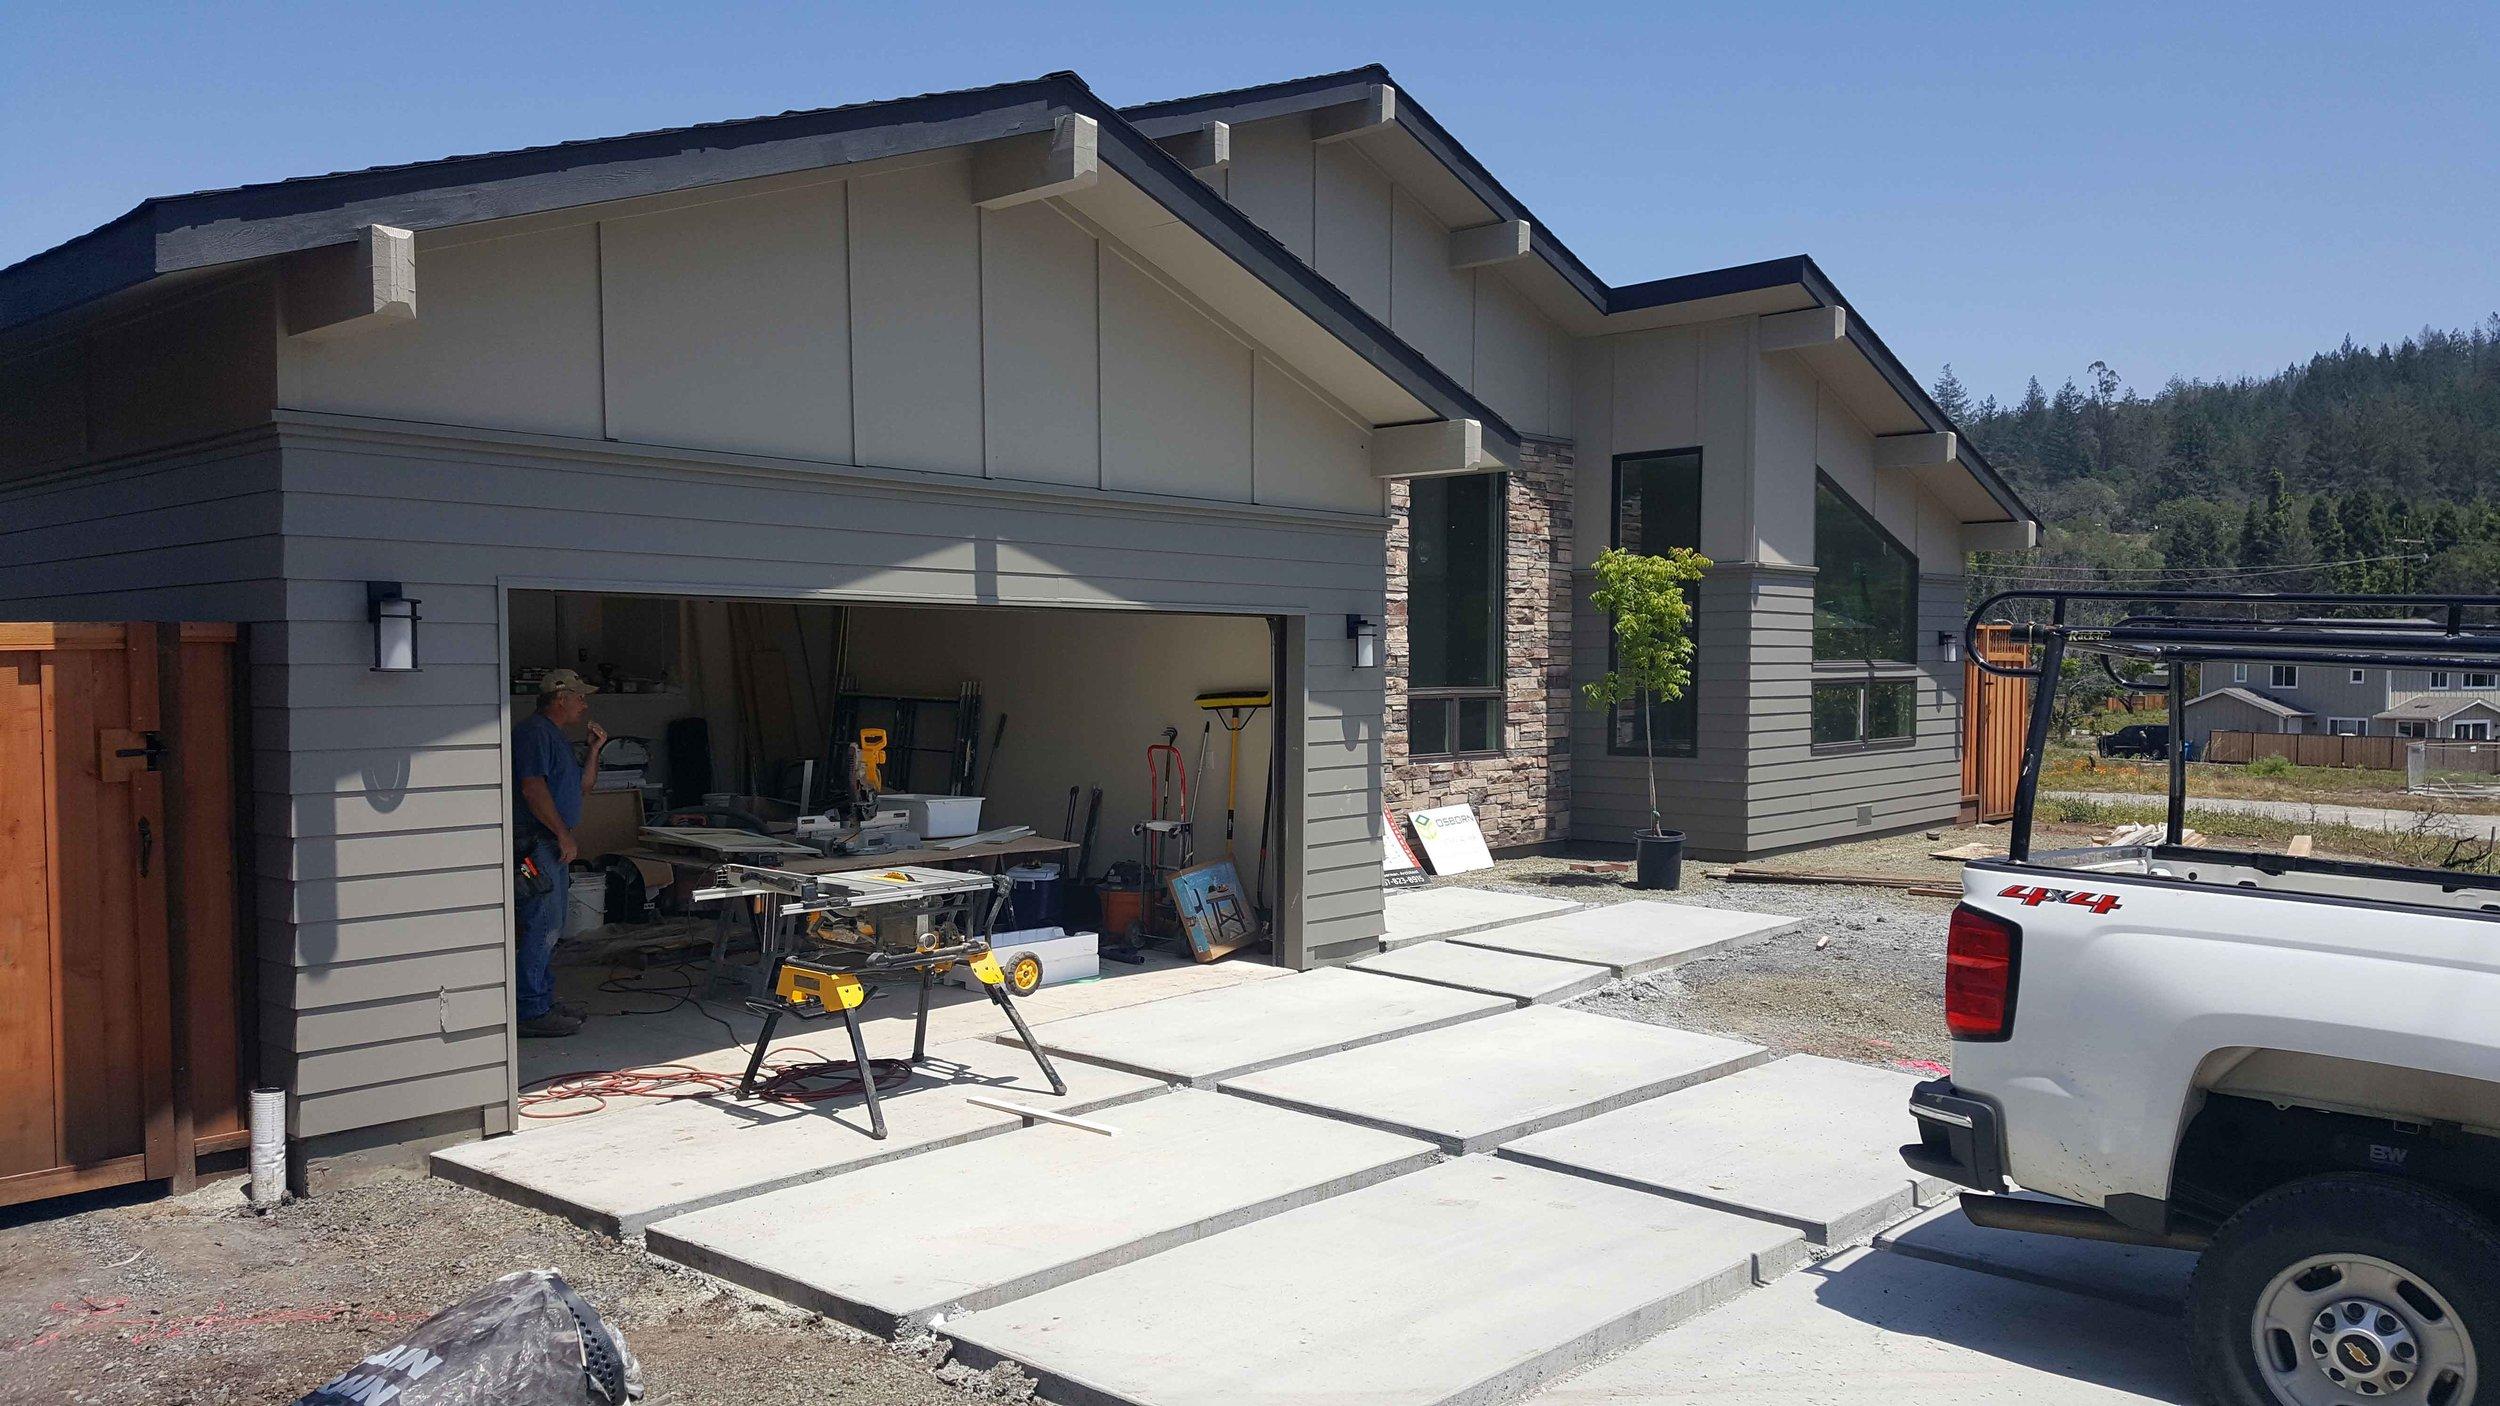 Residence in Santa Rosa, CA